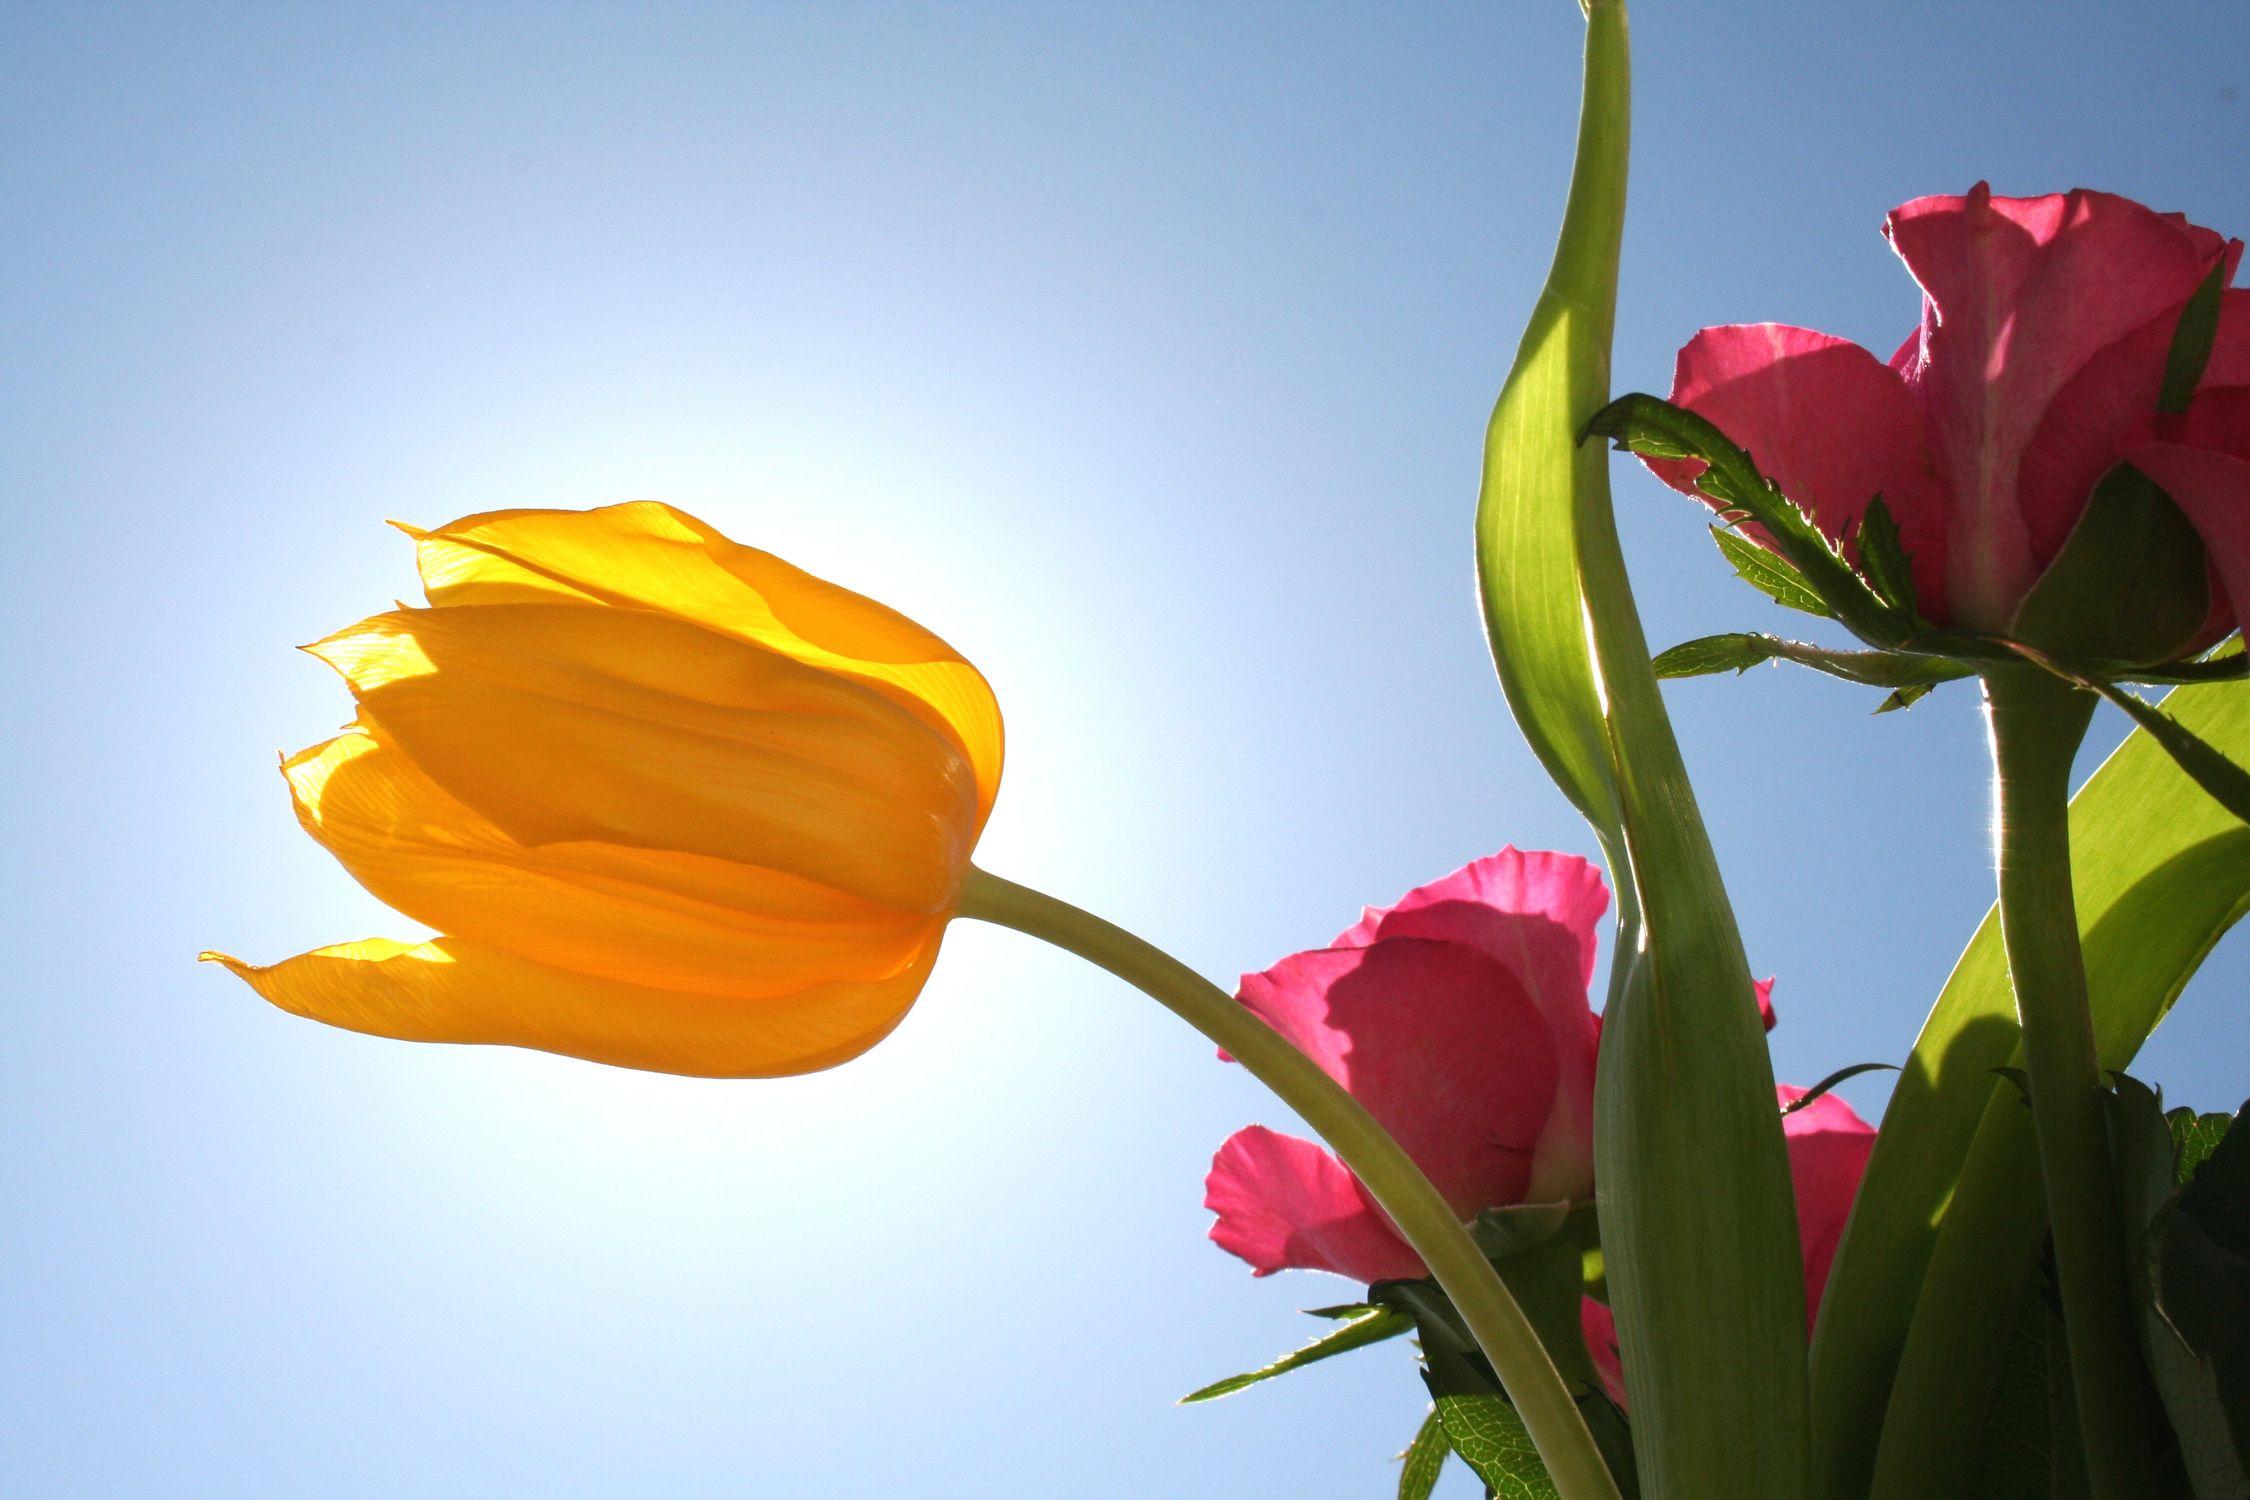 Bild mit Natur, Pflanzen, Himmel, Jahreszeiten, Blumen, Blumen, Rosa, Frühling, Blume, Pflanze, Rose, Roses, rote Rose, Tulips, Tulpen, gelbe Tulpe, Tulipa, Gegenlicht, Flower, Flowers, Tulip, red Rose, osaceae, red, gelbe Tulpen, yellow tulip, yellow tulips, yellow, ulpe, Blumenstrauß